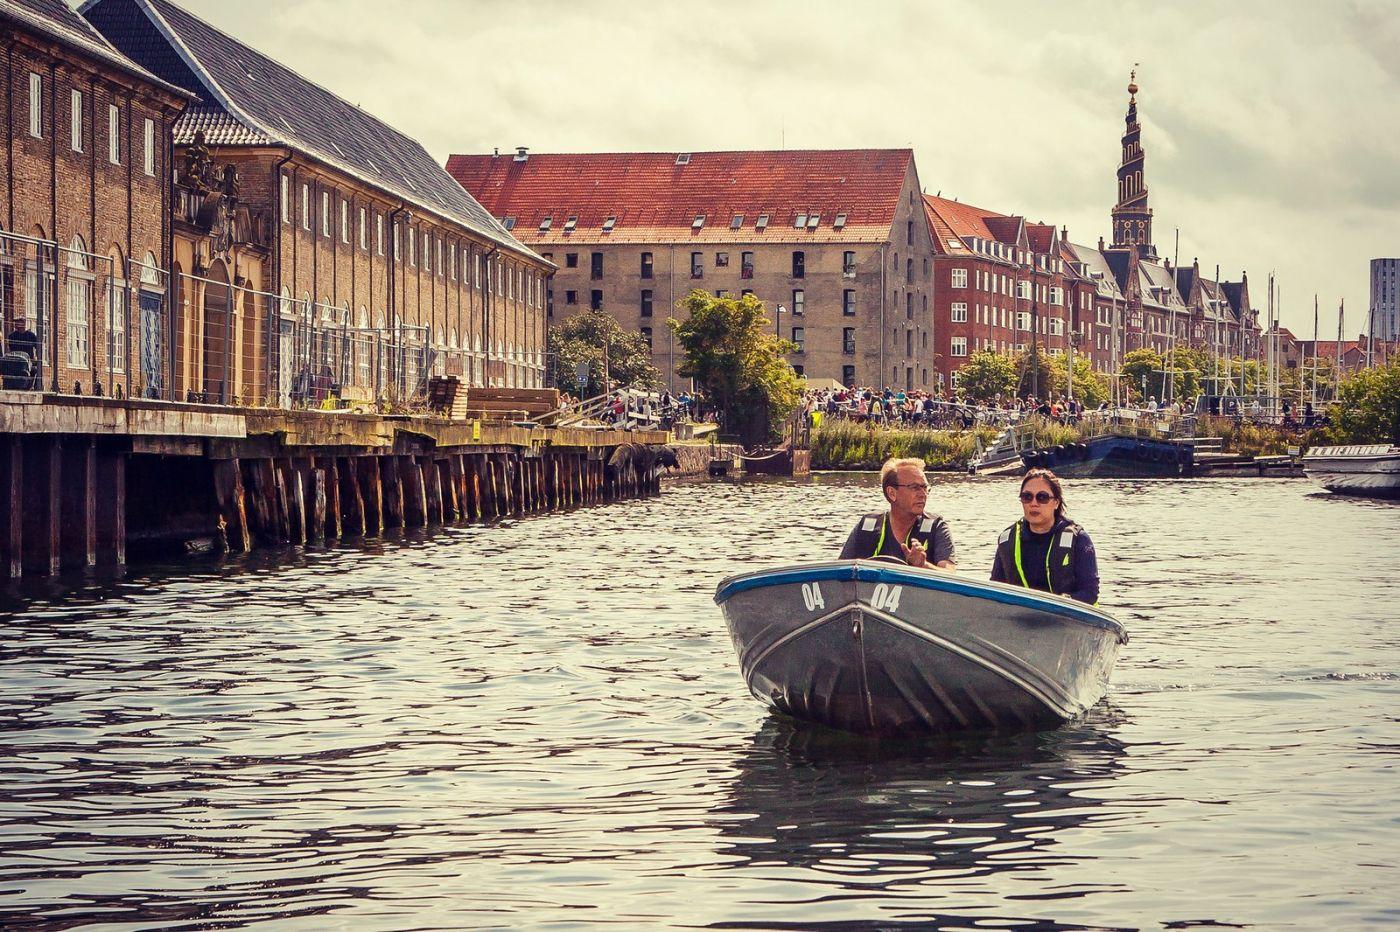 丹麥哥本哈根,生活可以是這樣的_圖1-20